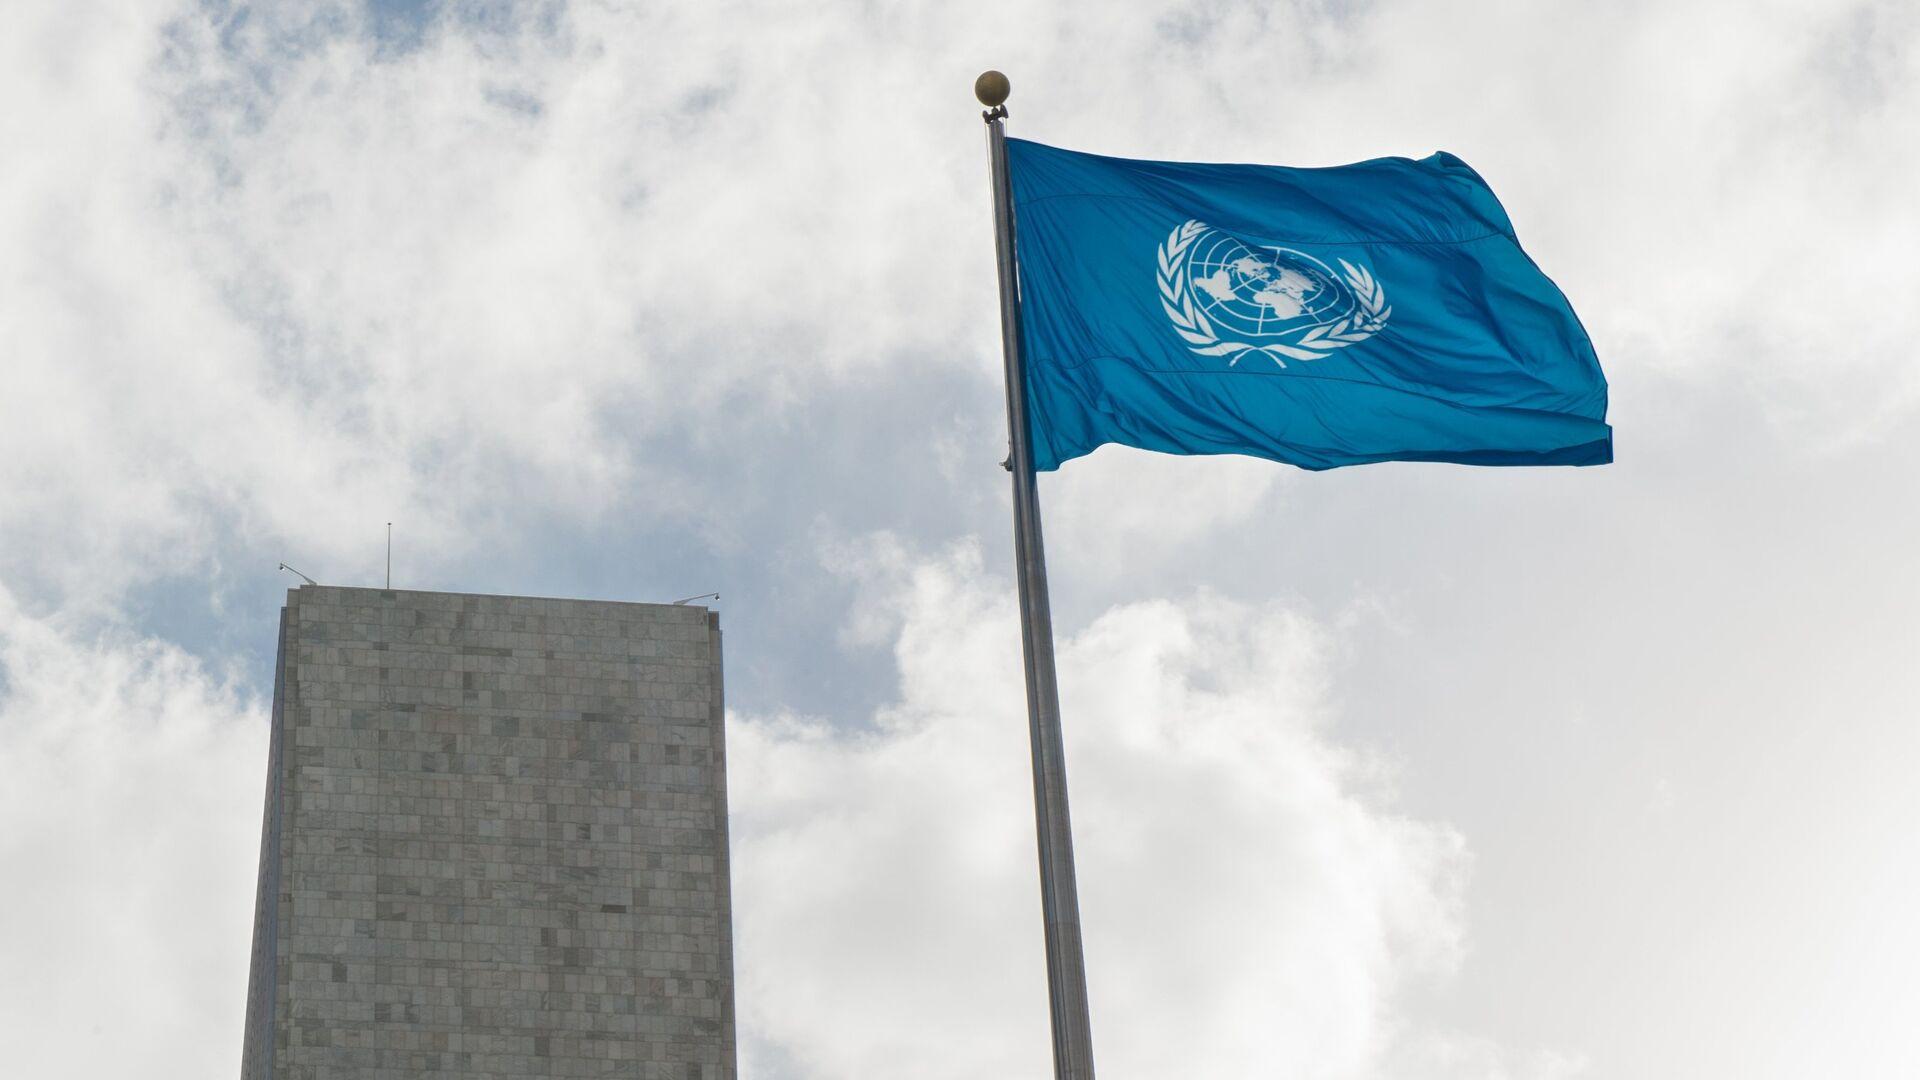 La bandera de la ONU - Sputnik Mundo, 1920, 07.04.2021